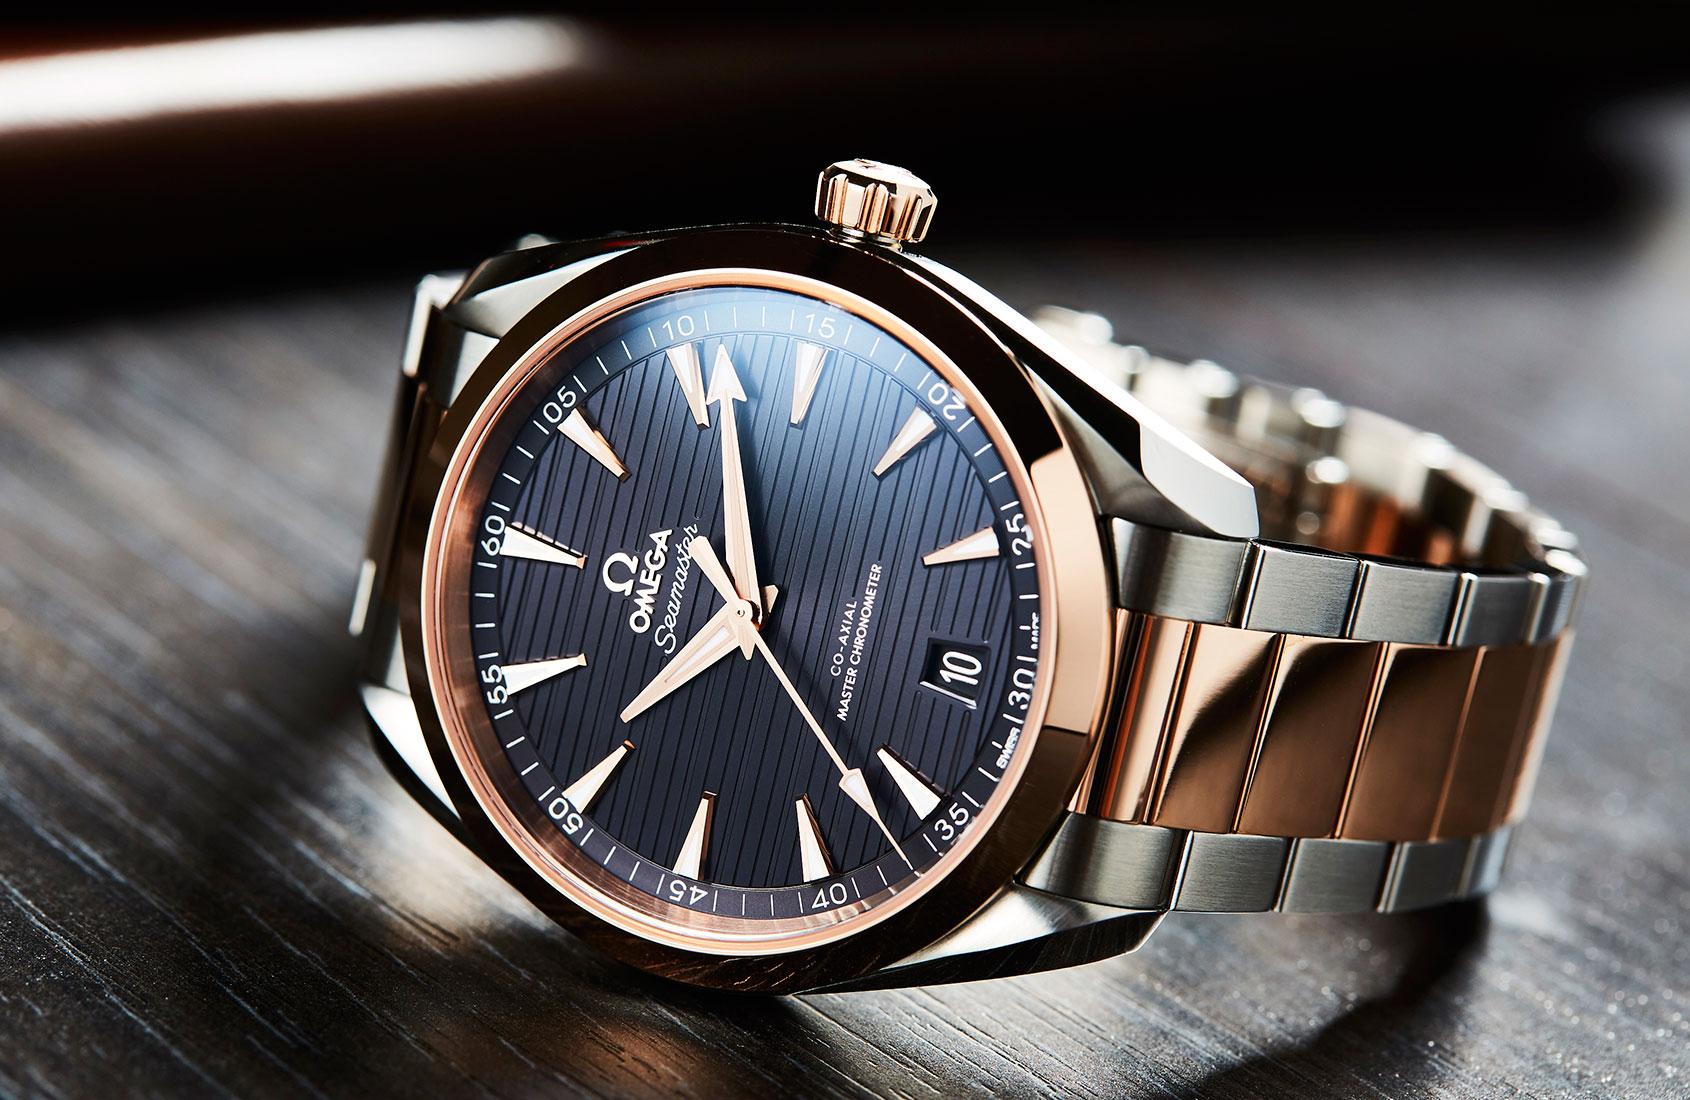 Chiếc đồng hồ có họa tiết Guilloche vô cùng lạ mắt